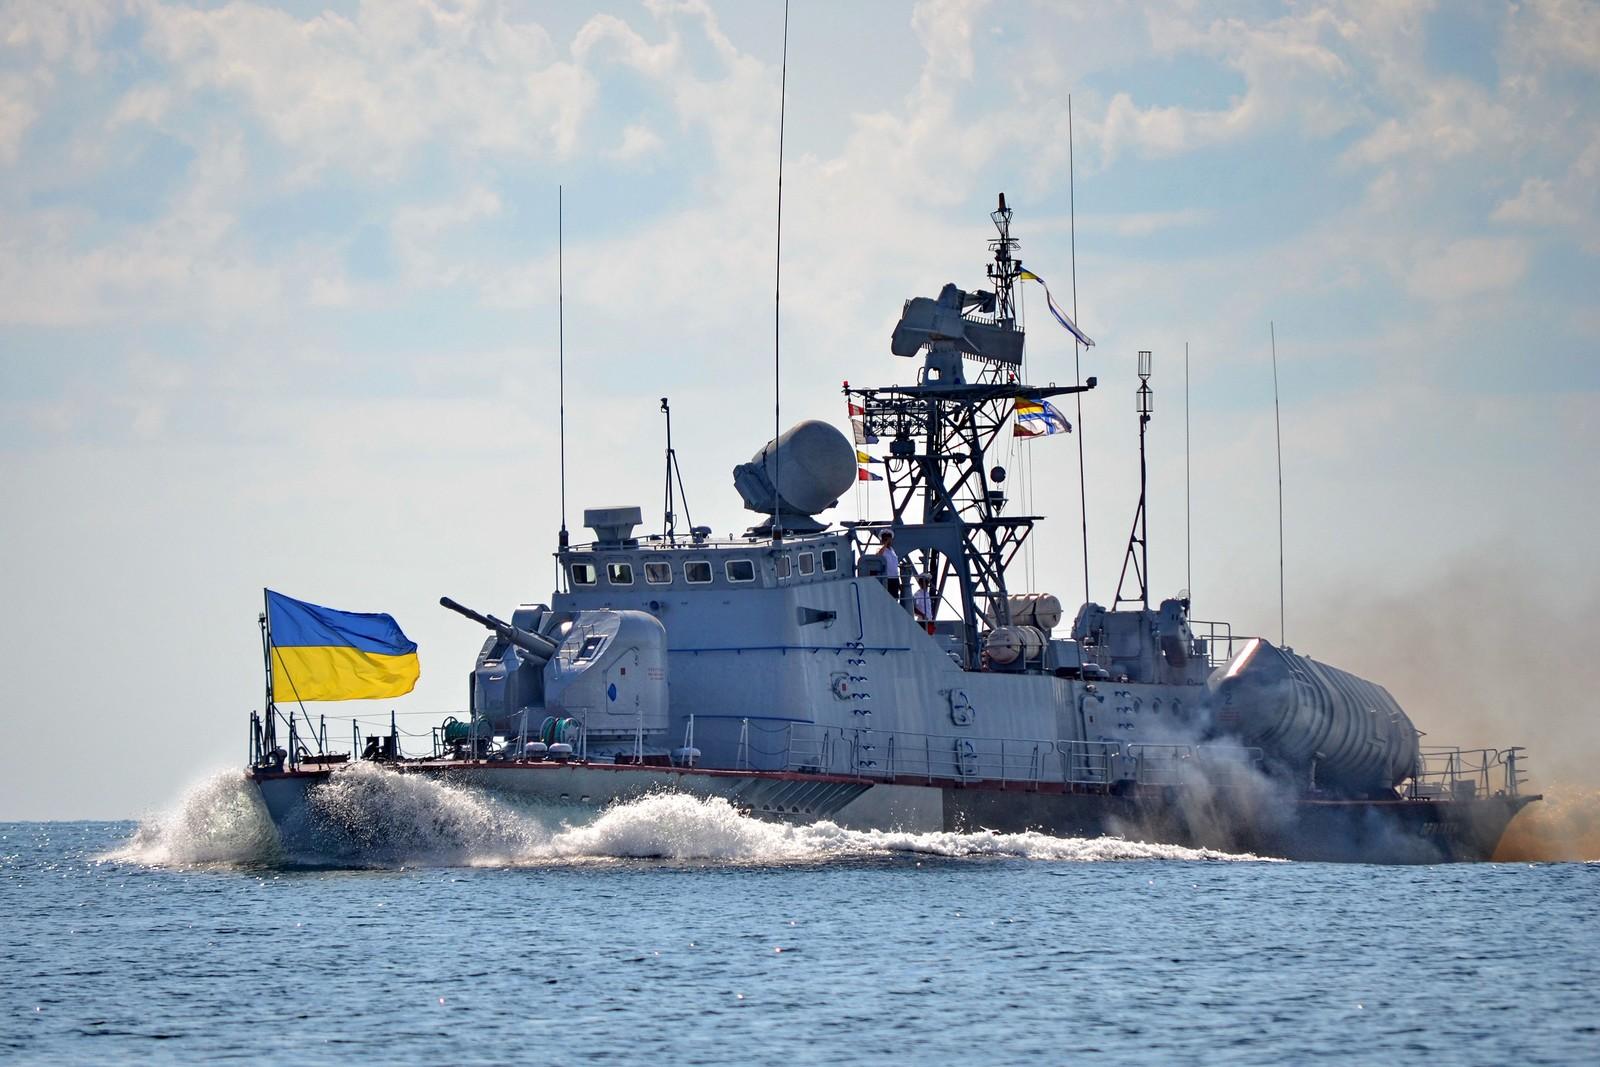 Россия напала на корабли Украины в нейтральных водах: Москву поймали на грандиозном вранье